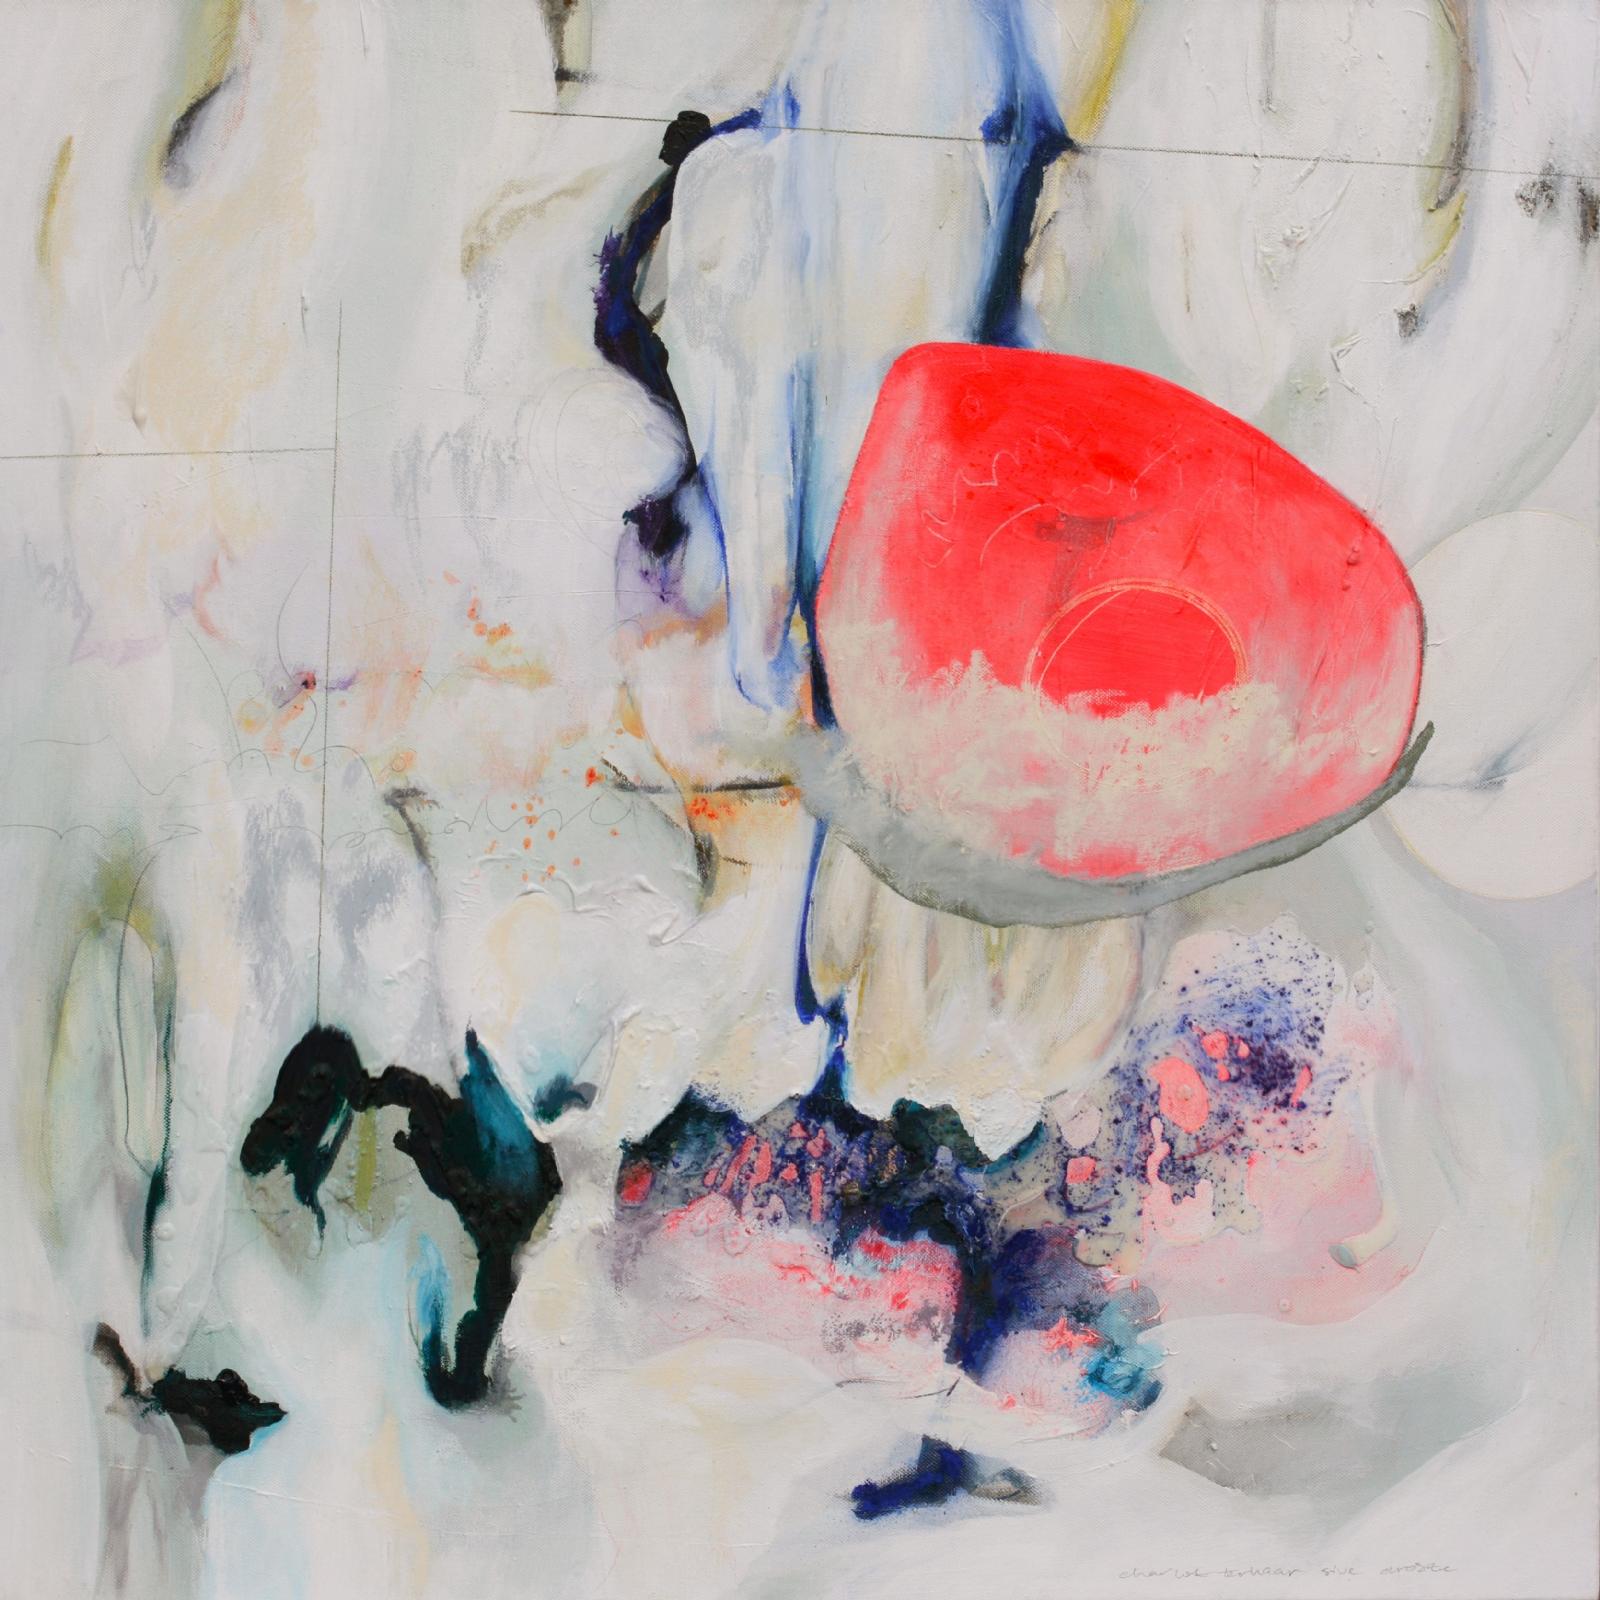 Schilderij #261